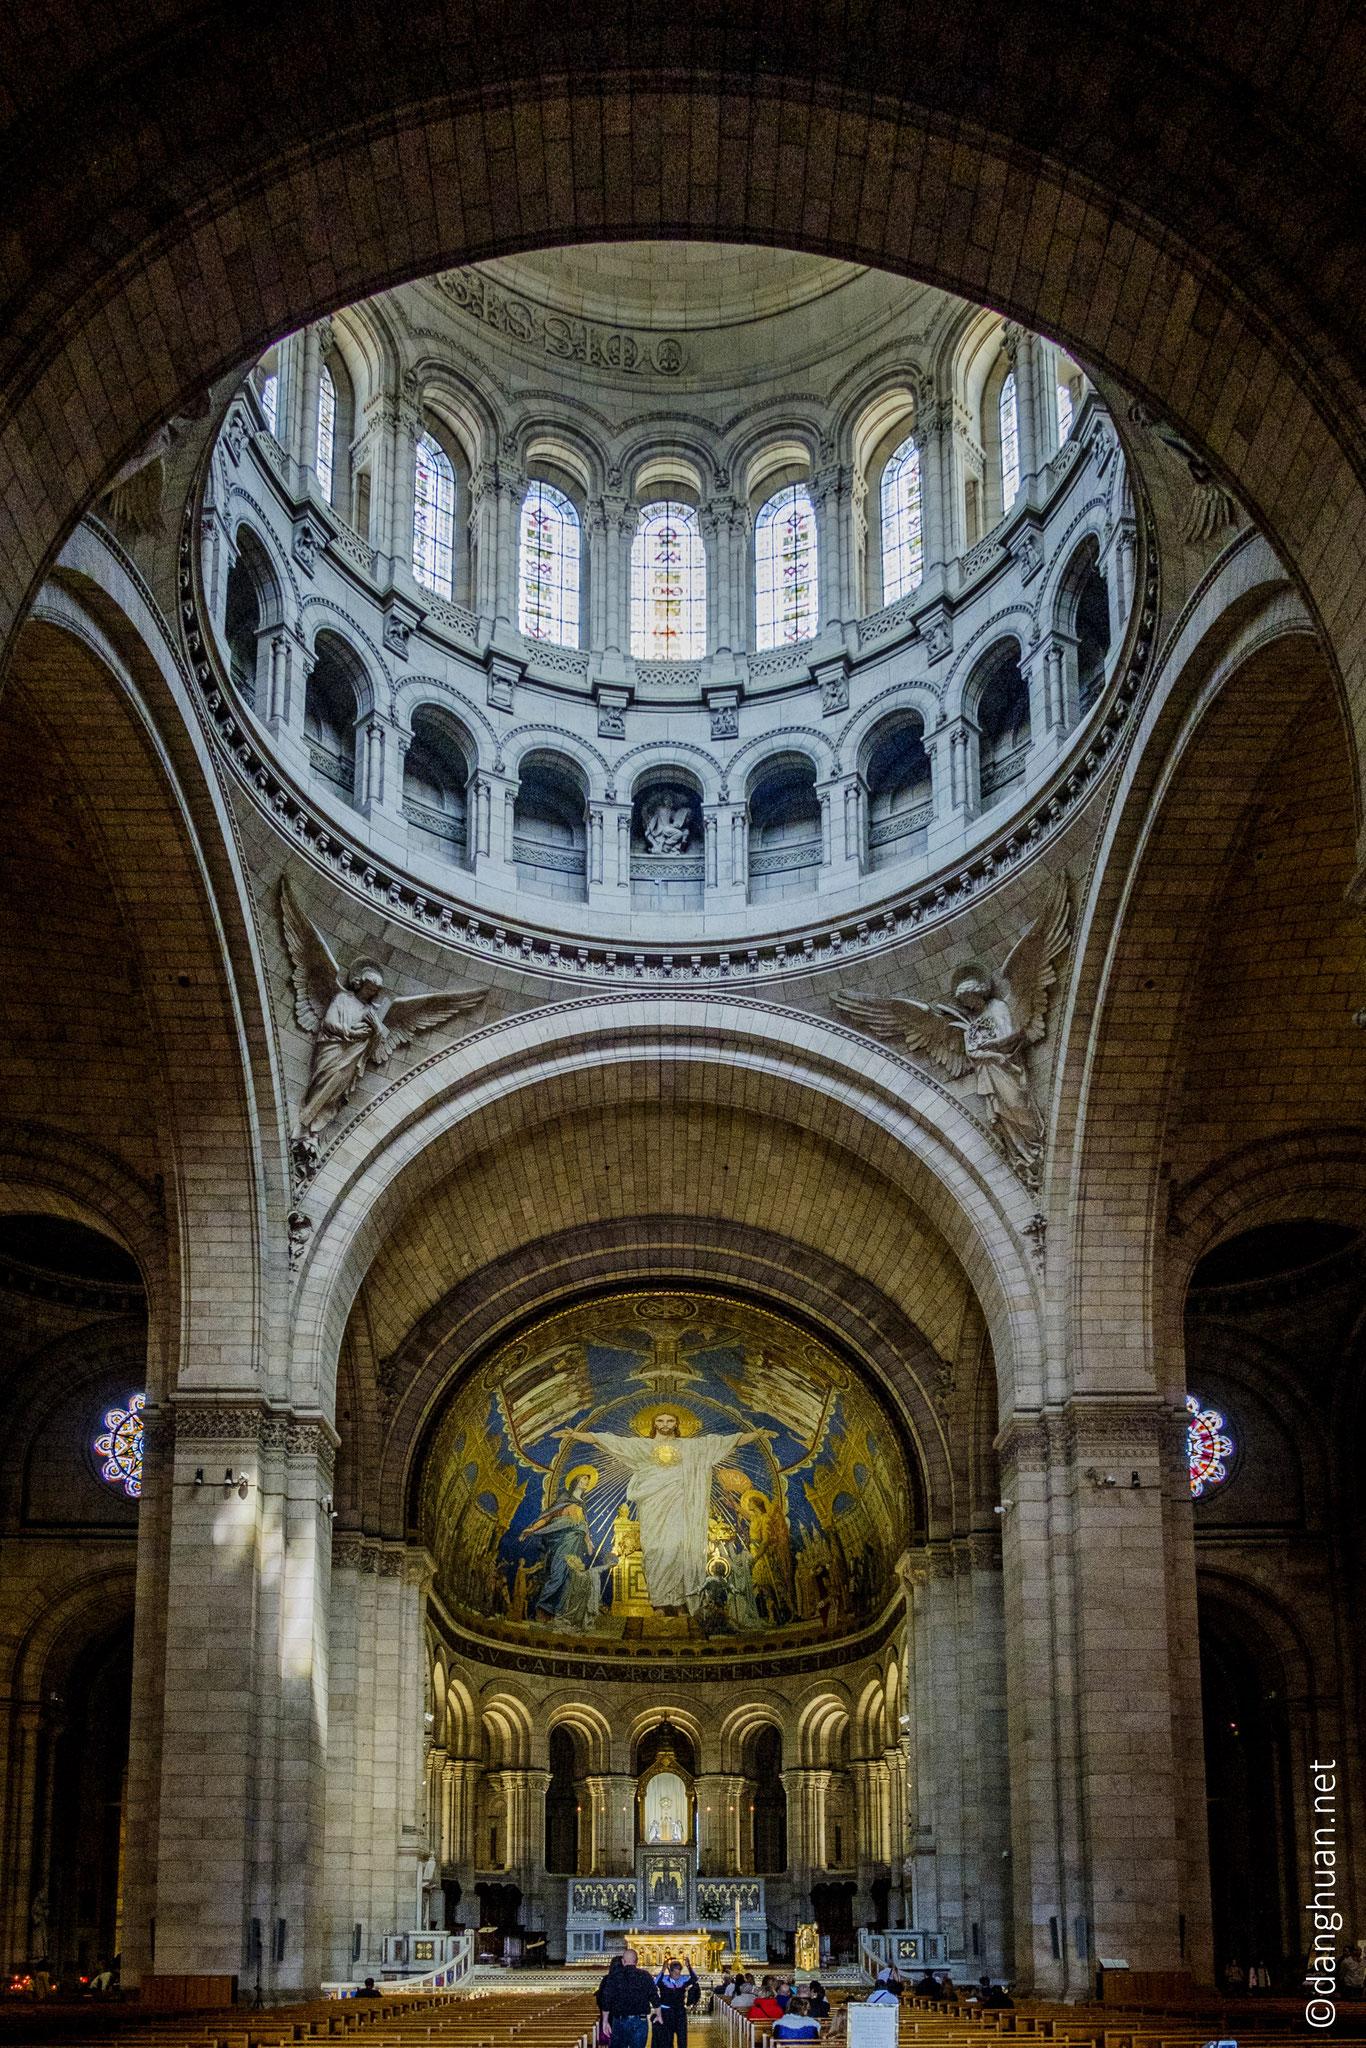 le Sacré Coeur  - située au sommet de la butte Montmartre (Paris 18), de style  basilique romano-byzantine